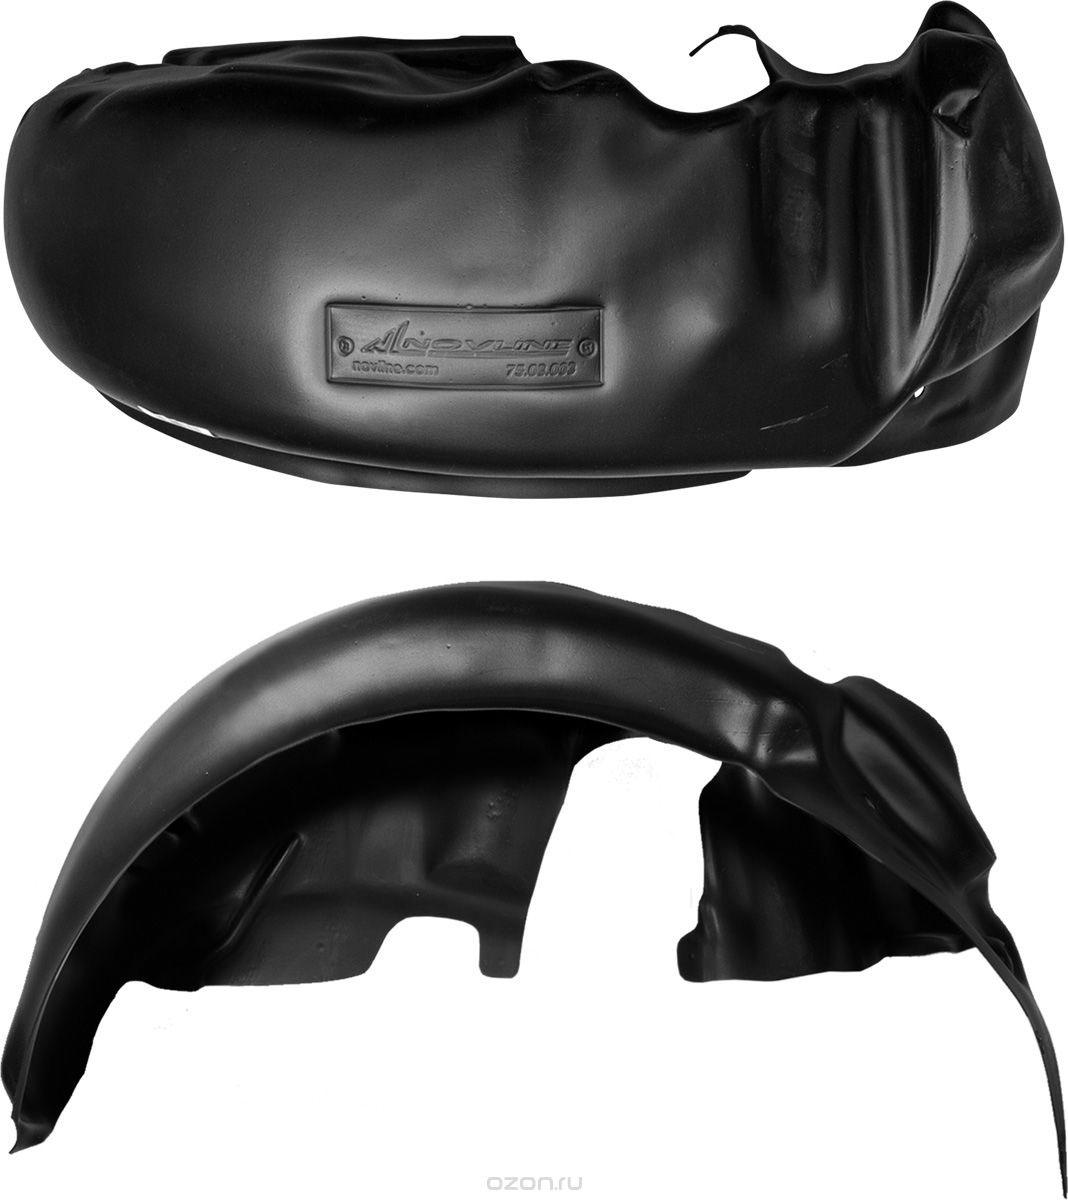 Подкрылок Novline-Autofamily, для FIAT FullBack, 2016->, задний правый44005003Идеальная защита колесной ниши. Локеры разработаны с применением цифровых технологий, гарантируют максимальную повторяемость поверхности арки. Изделия устанавливаются без нарушения лакокрасочного покрытия автомобиля, каждый подкрылок комплектуется крепежом. Уважаемые клиенты, обращаем ваше внимание, что фотографии на подкрылки универсальные и не отражают реальную форму изделия. При этом само изделие идет точно под размер указанного автомобиля.